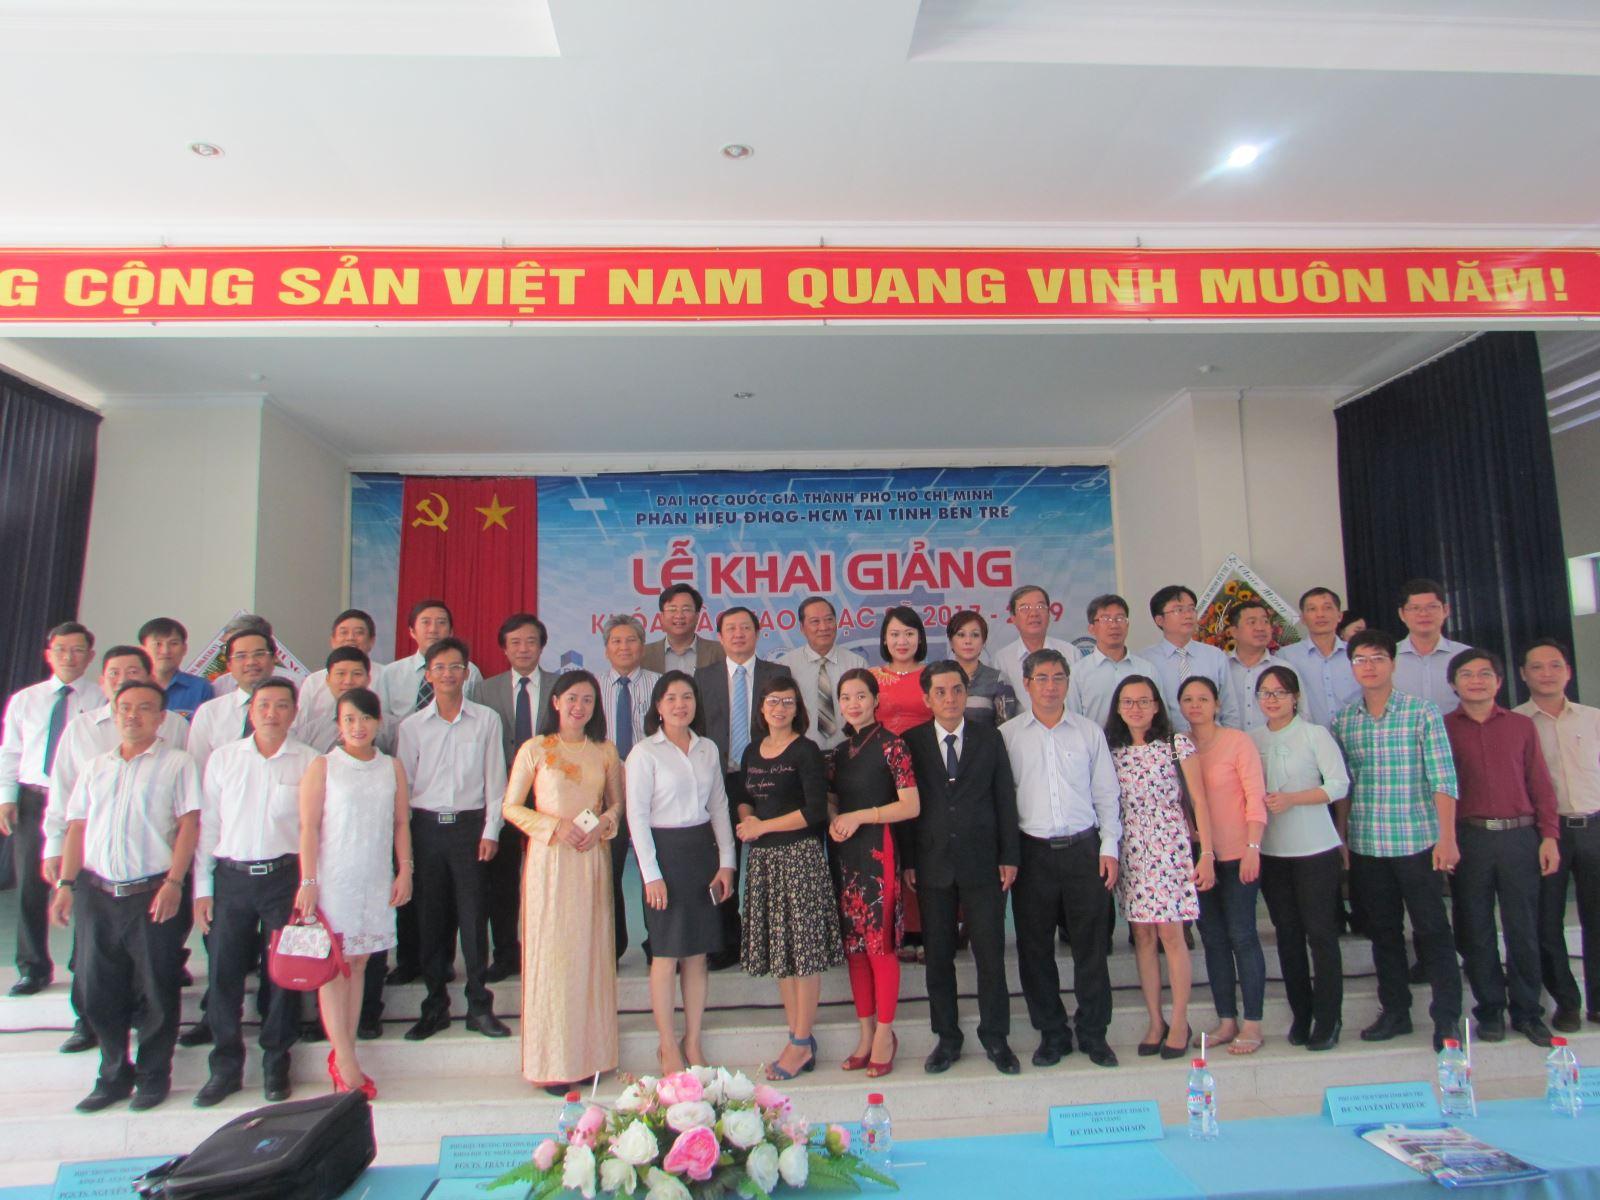 Tưng bừng Khai giảng Khóa đào tạo thạc sỹ 2017 - 2019 tại Phân hiệu ĐHQG-HCM tại tỉnh Bến Tre